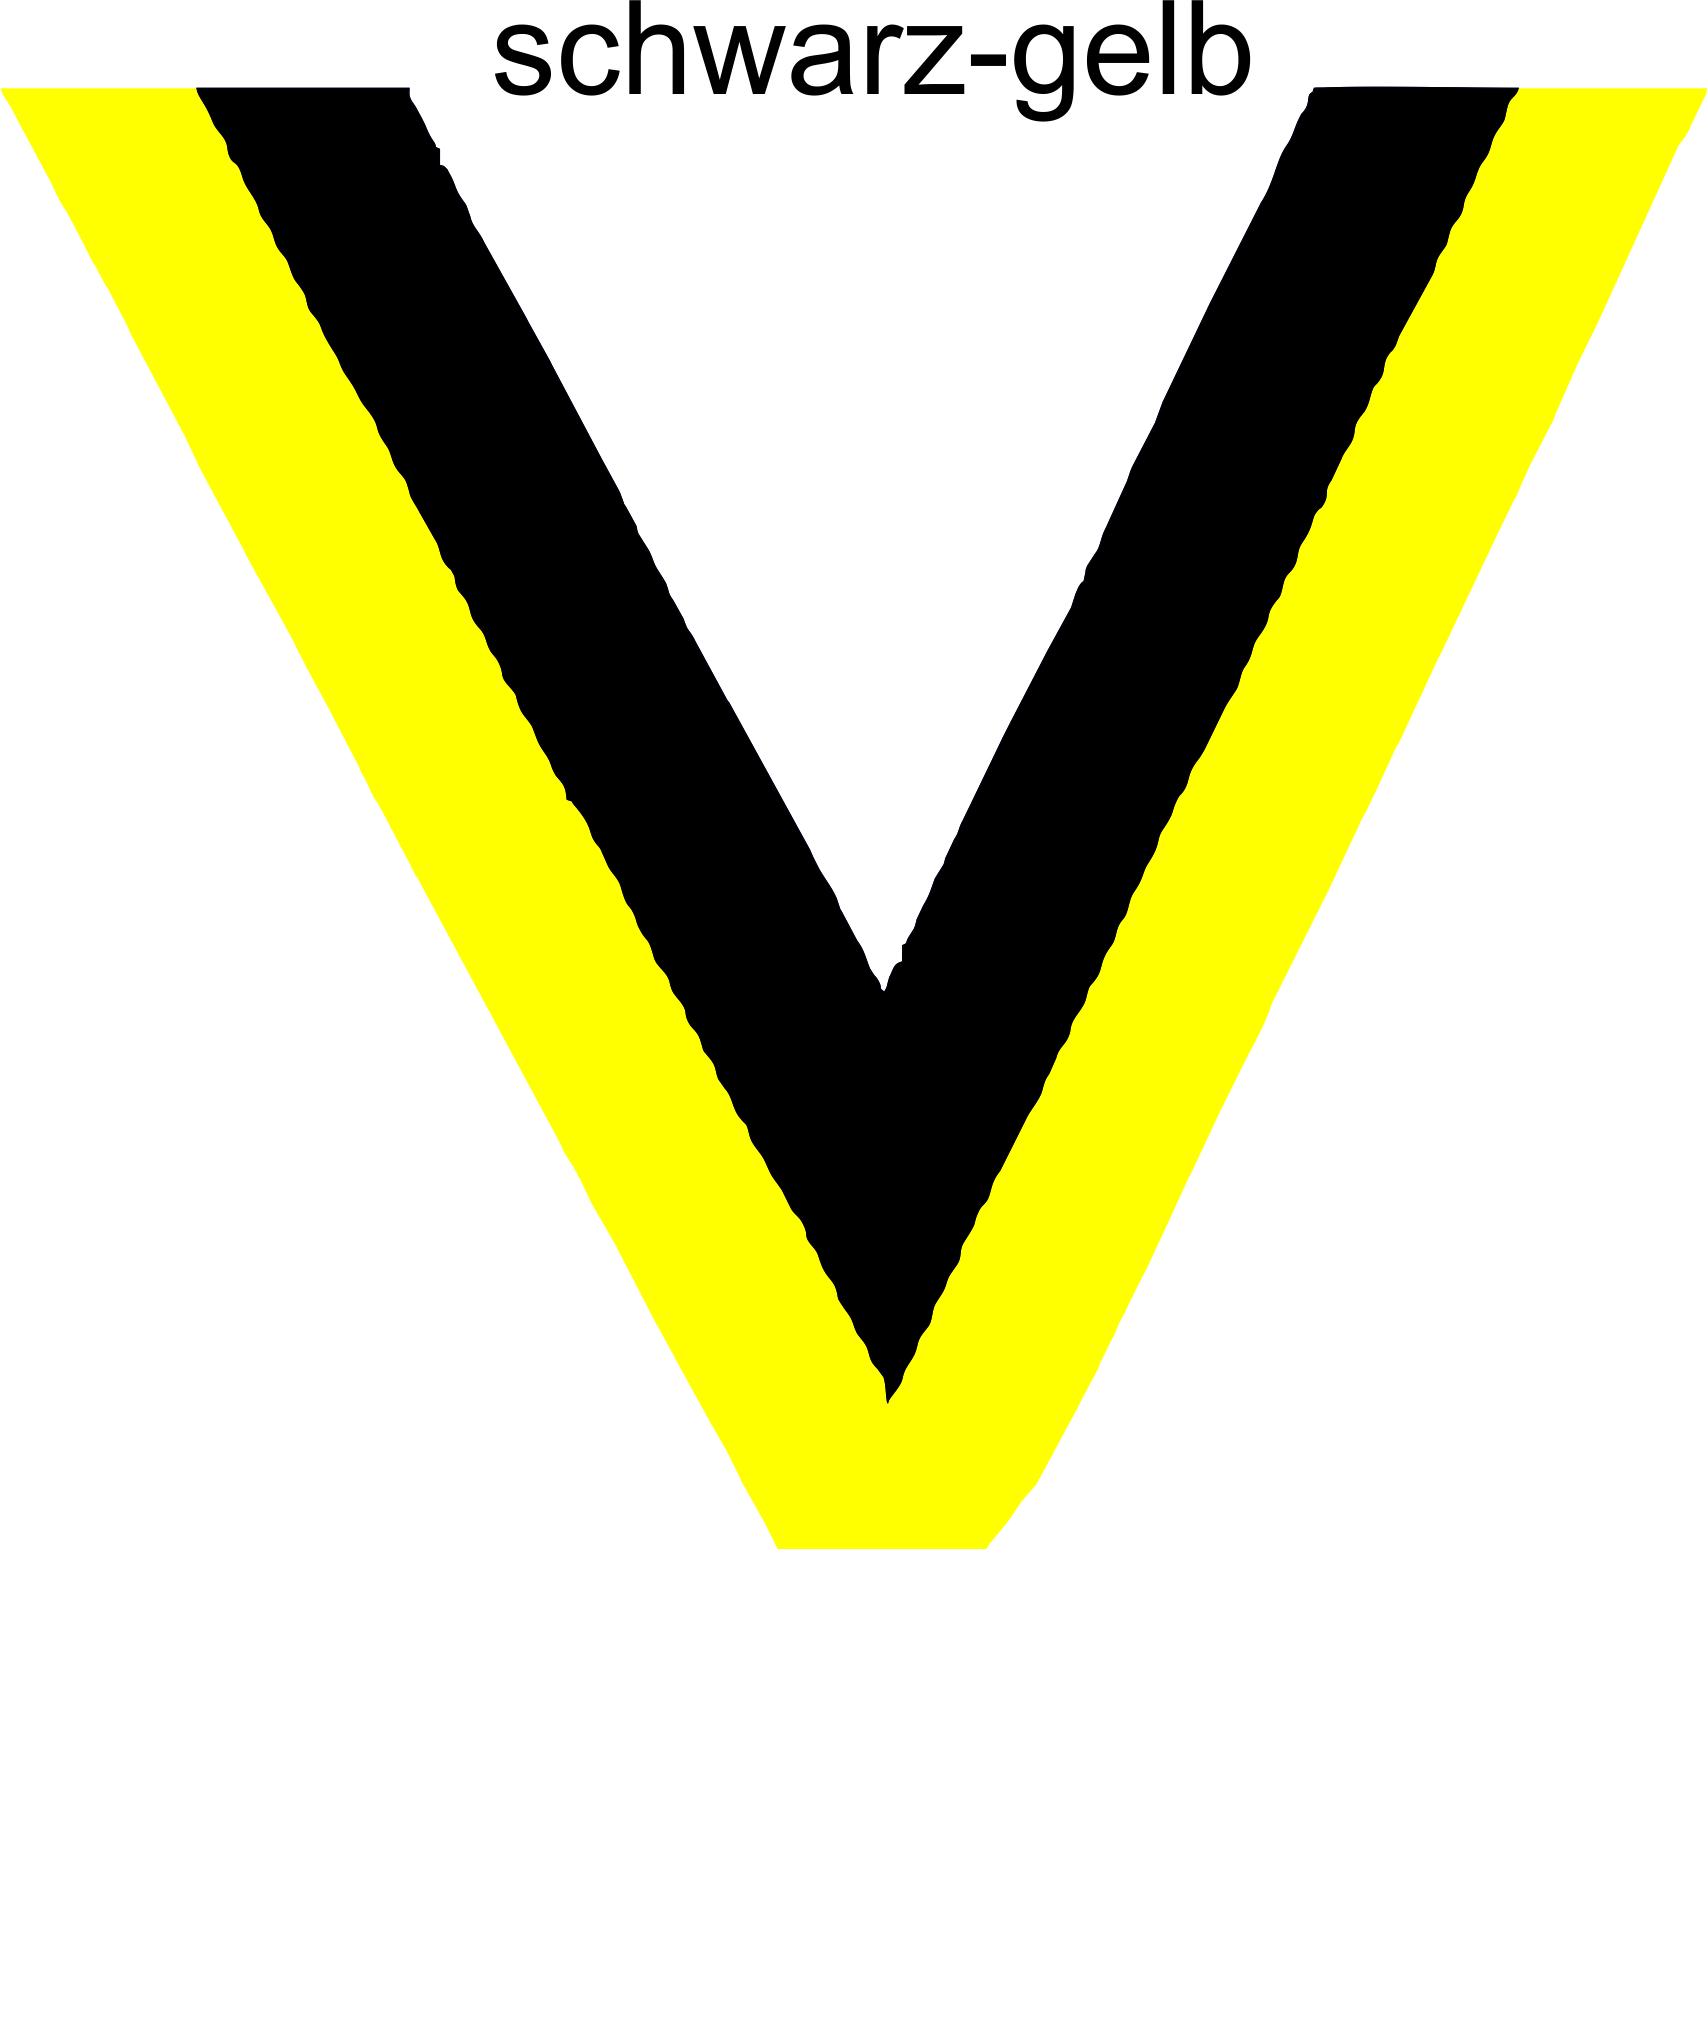 schwarz-gelbQOpRxi7Rmigpp